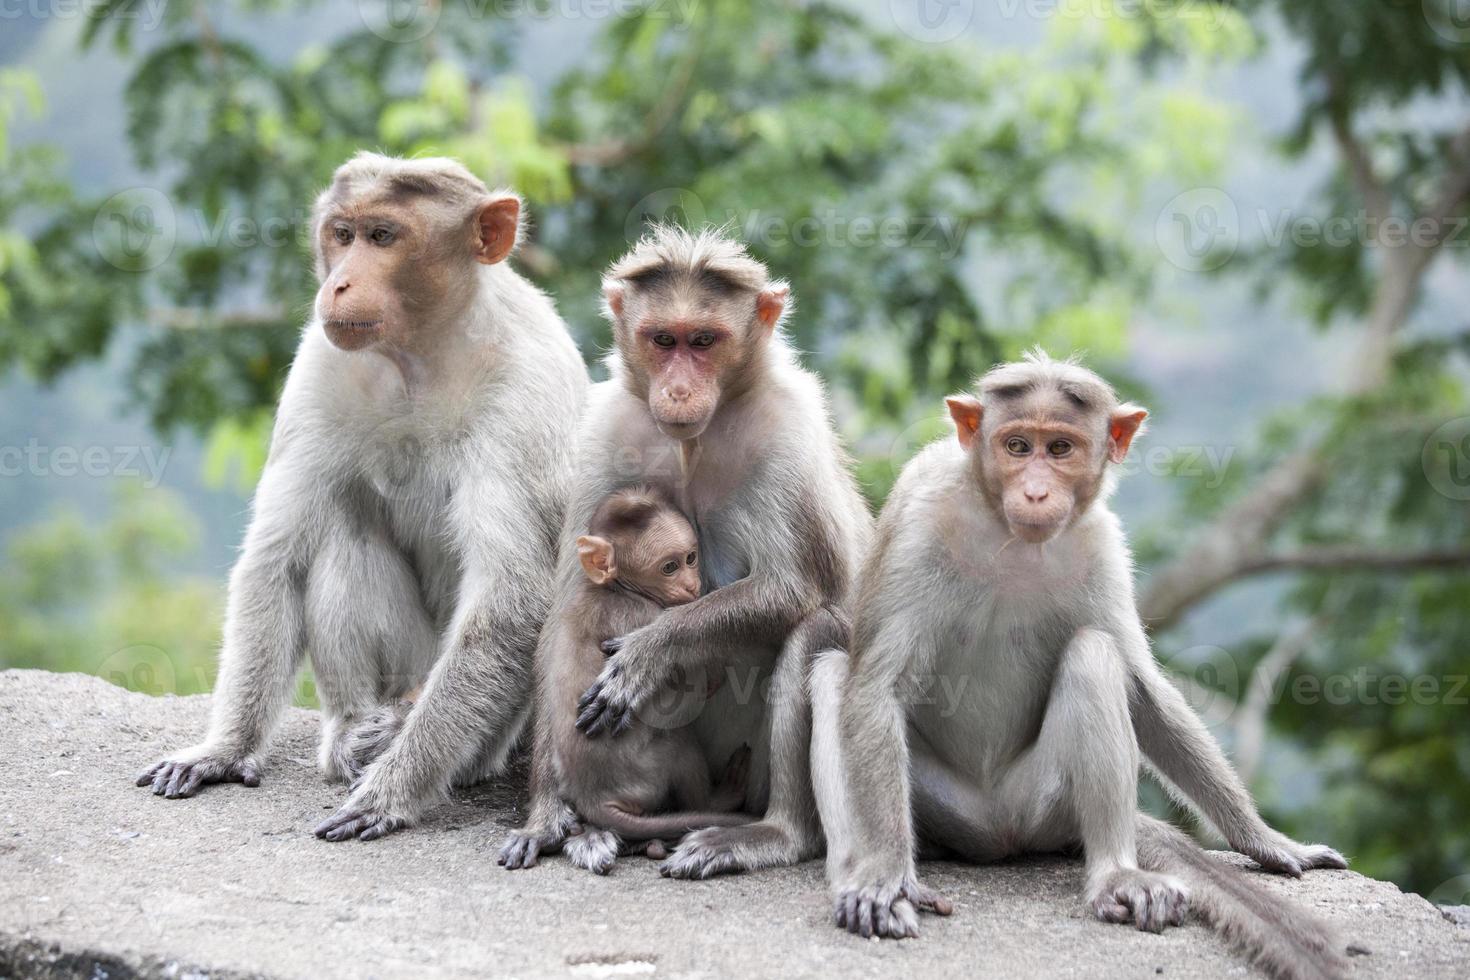 Familia de macacos rhesus sentado cerca de una carretera en la India foto